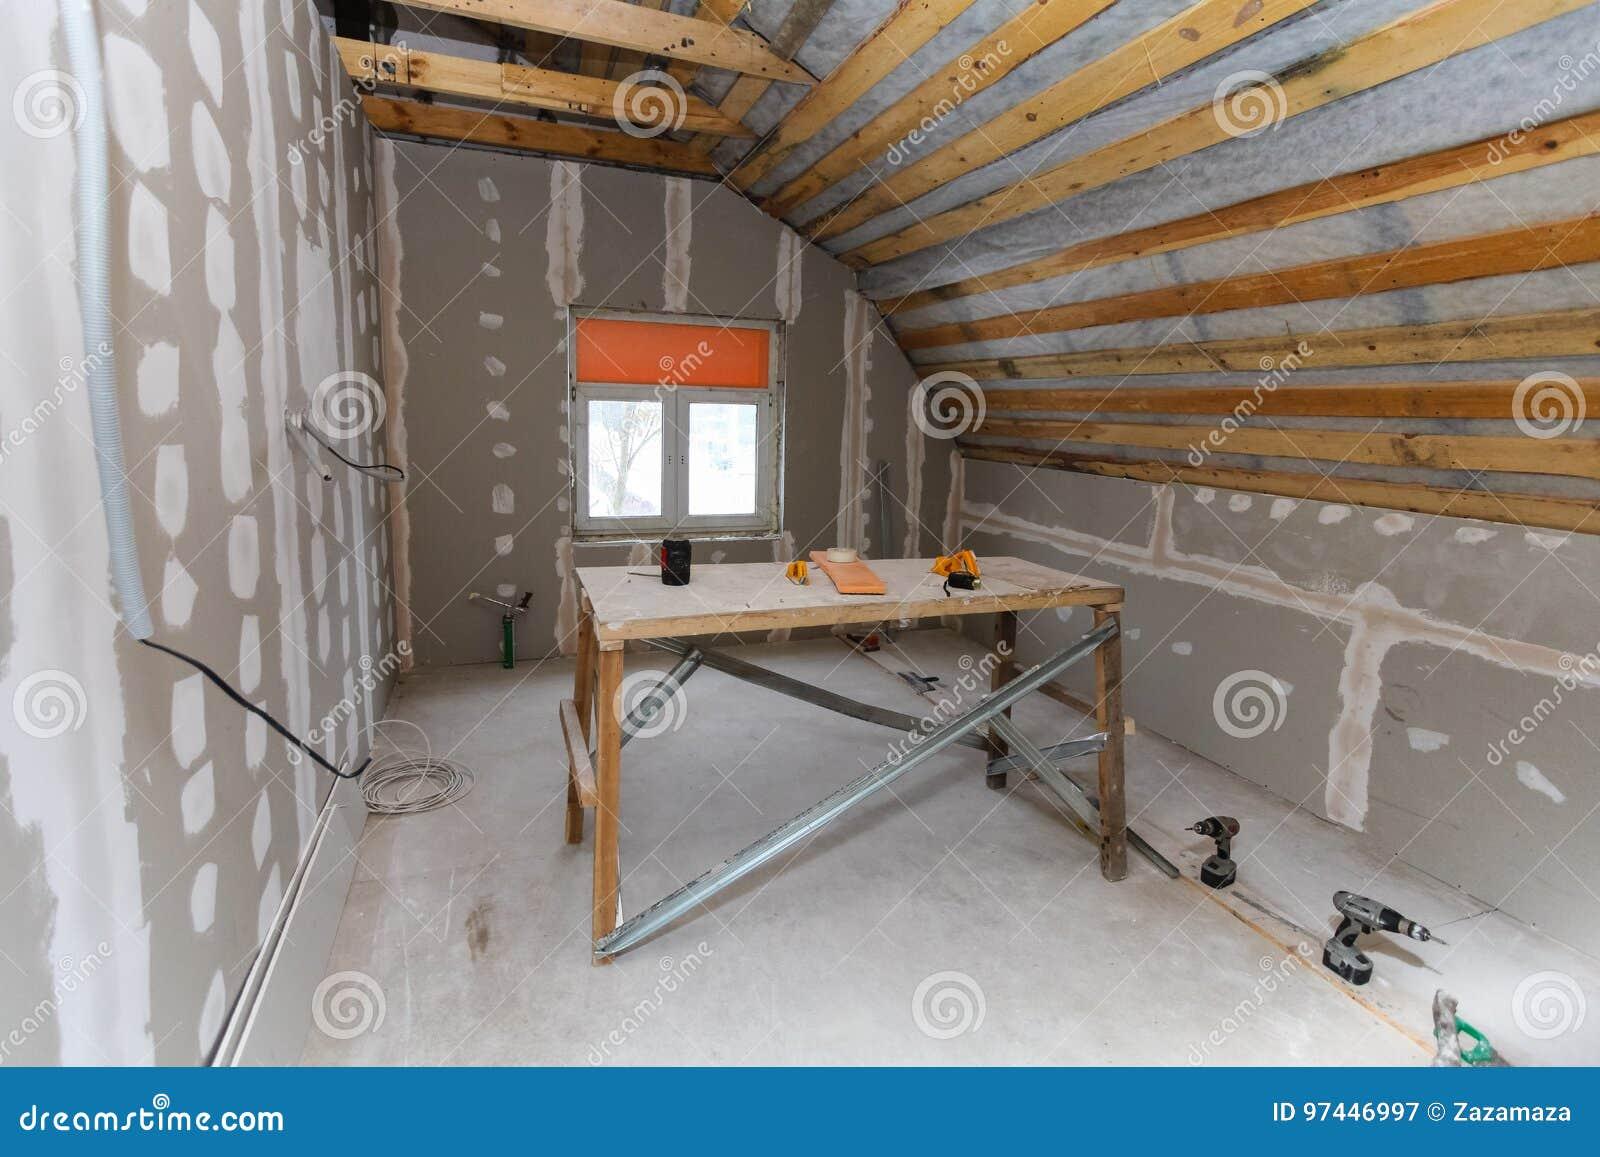 Интерьер квартиры комнаты с новым окном и ремонтиной материалов самодельной, сверлами, уровнем во время на реновации